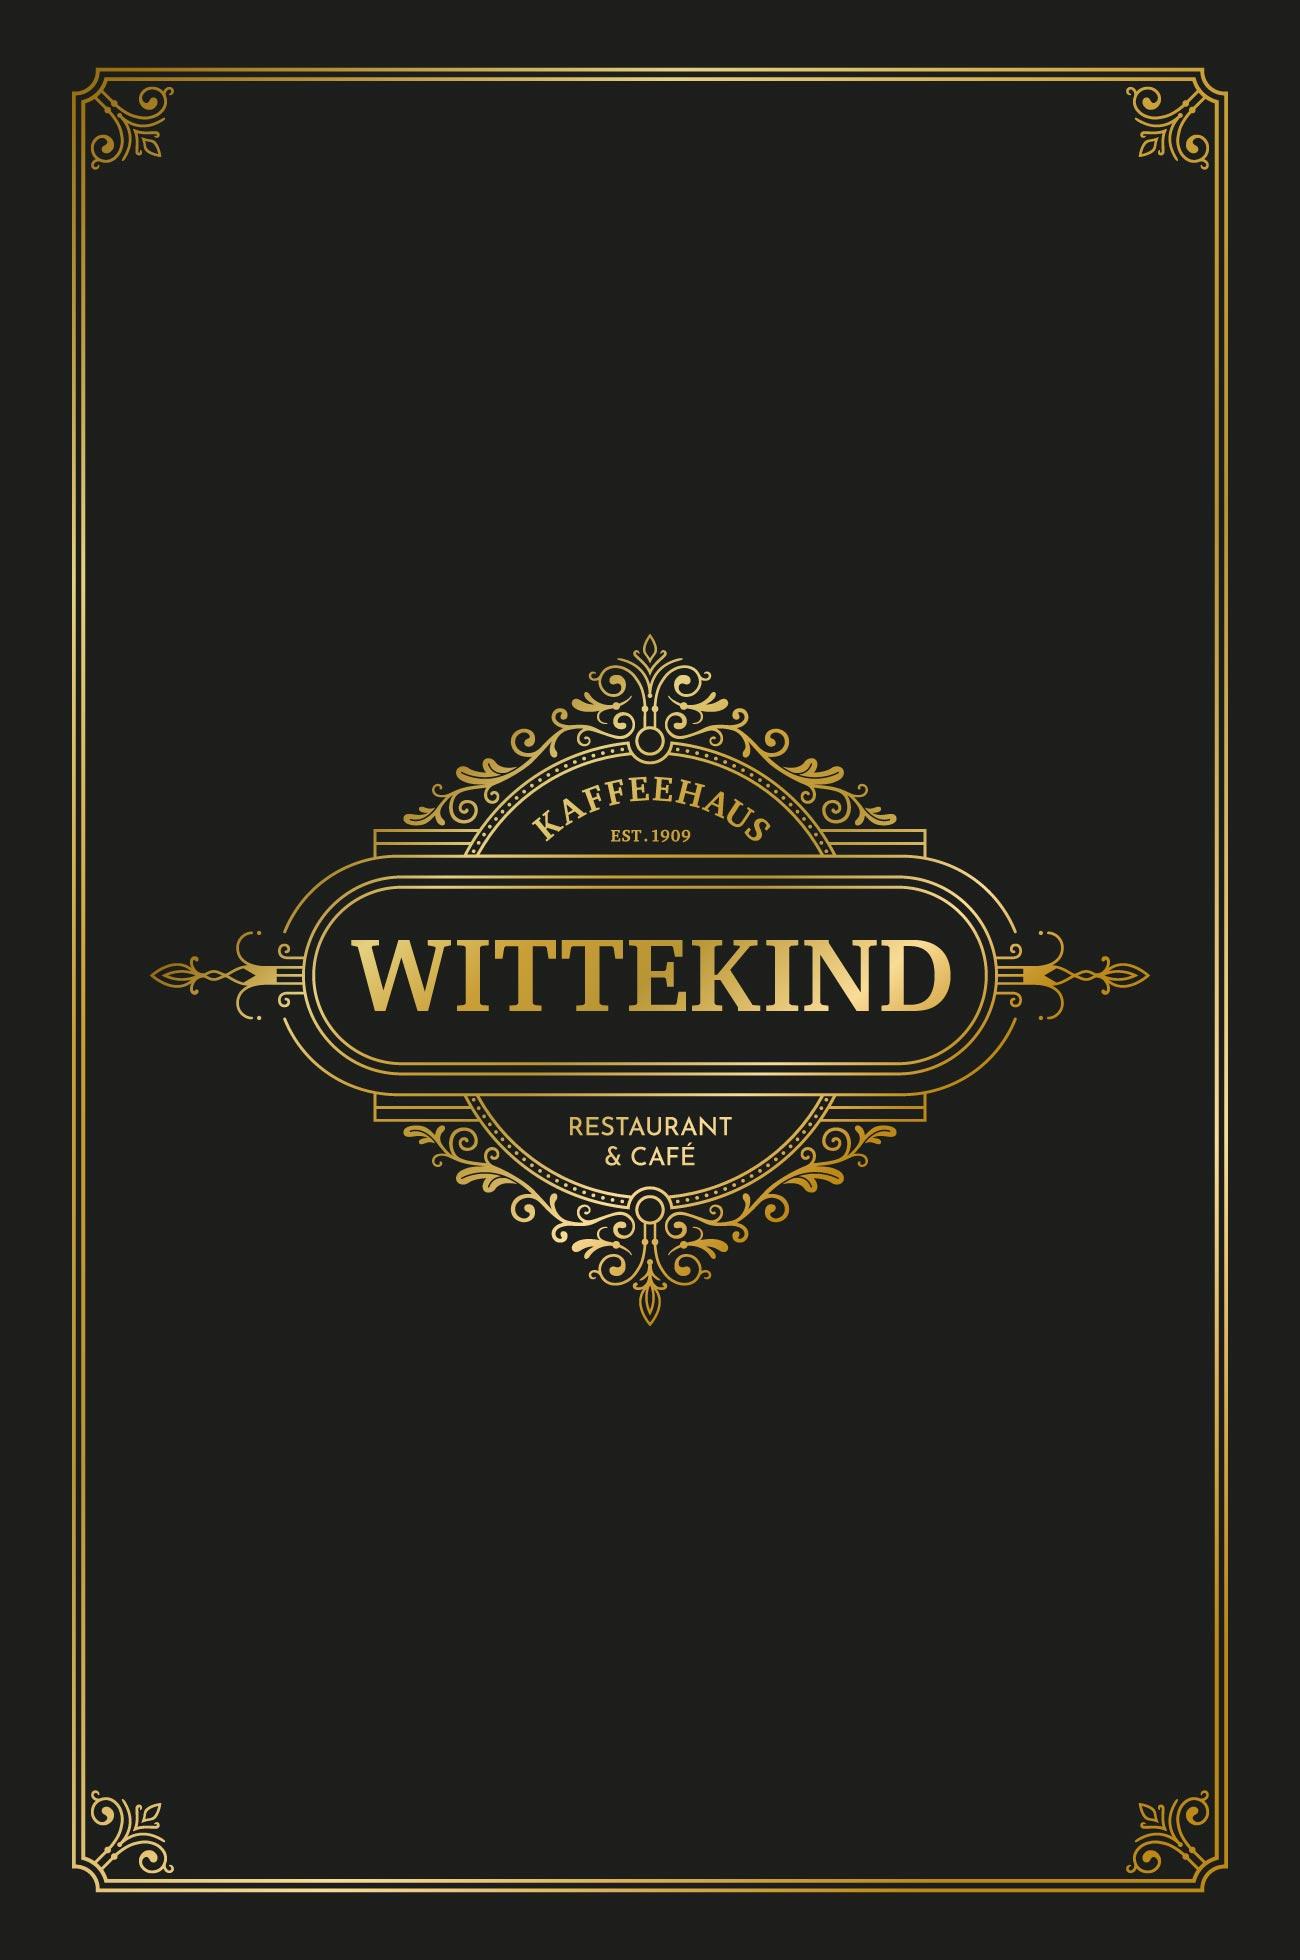 kaffeehaus-wittekind-logo